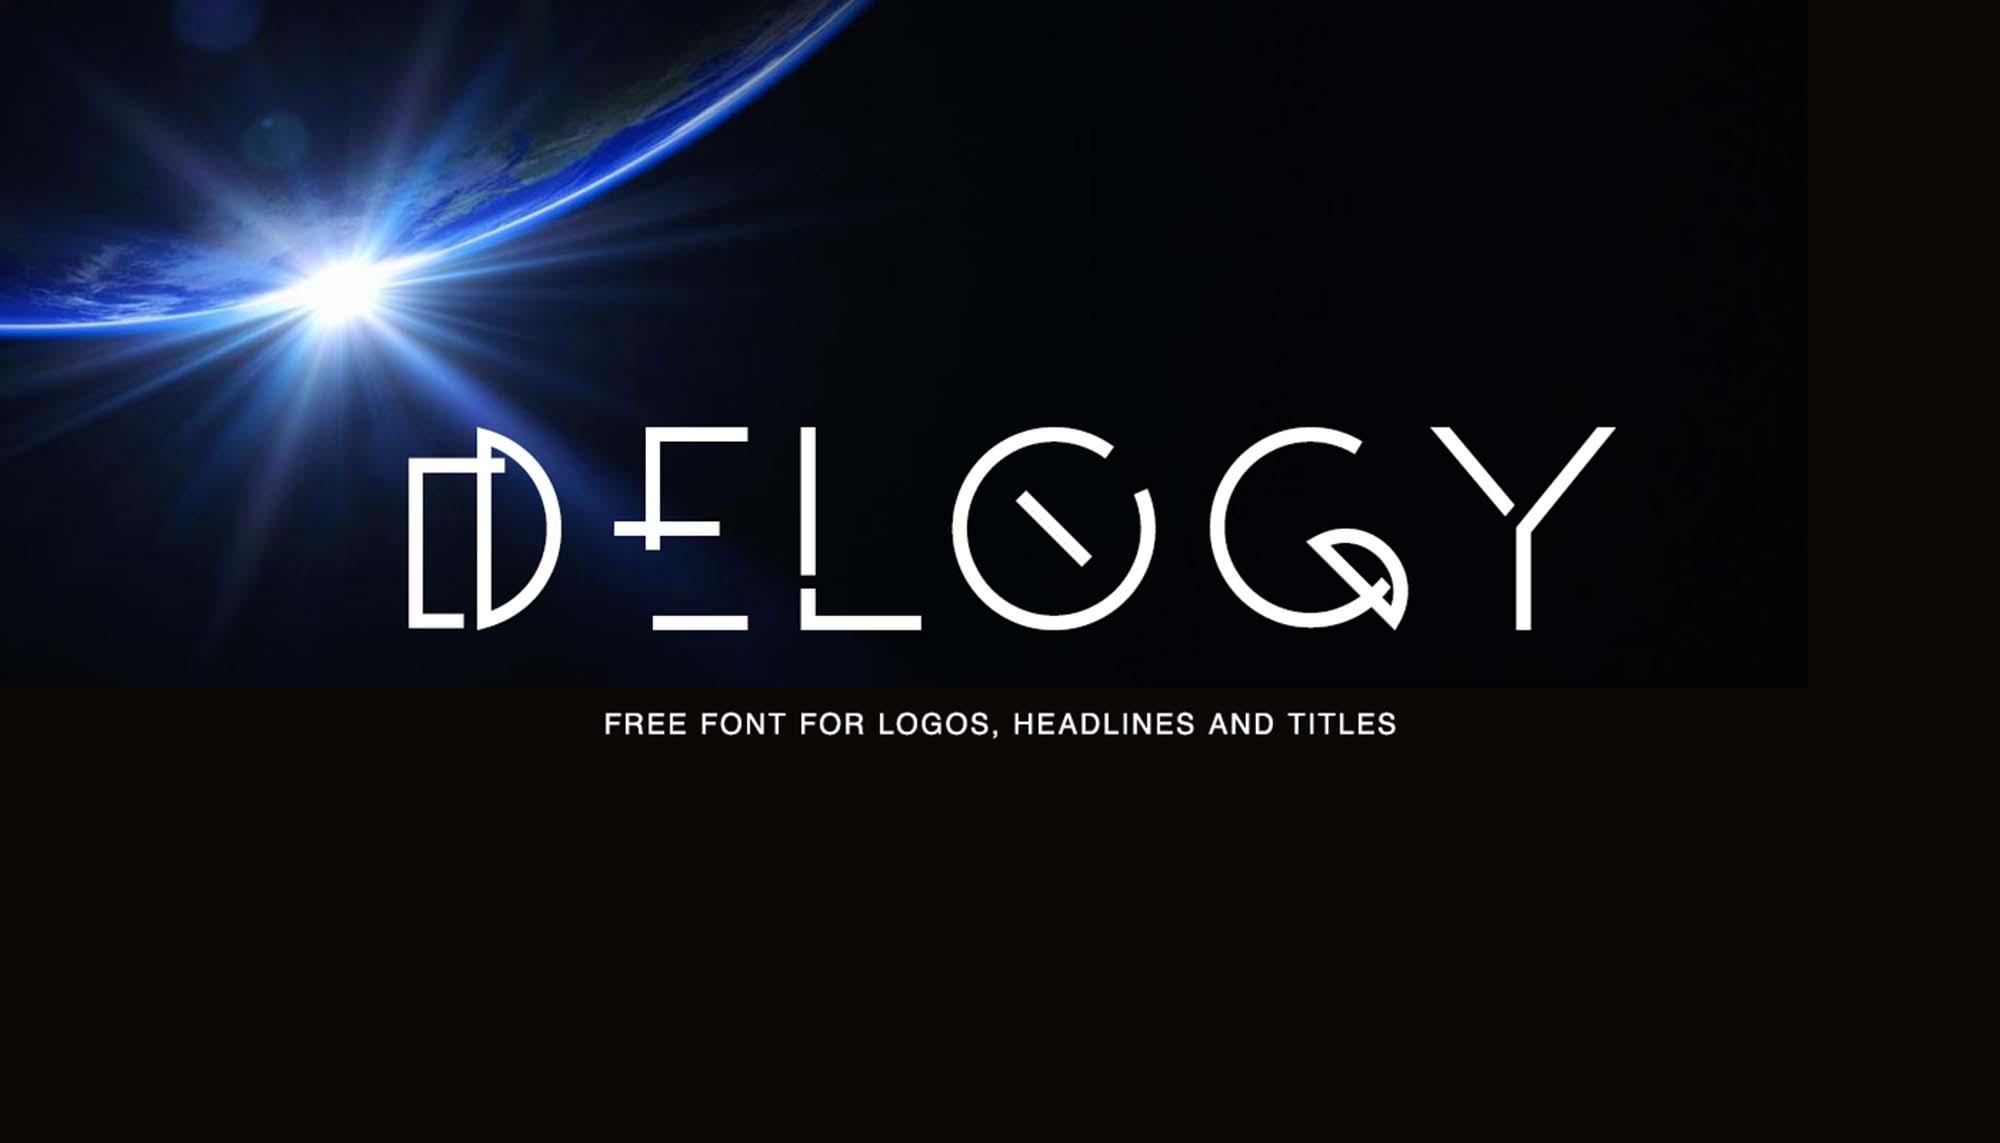 Delogy Font